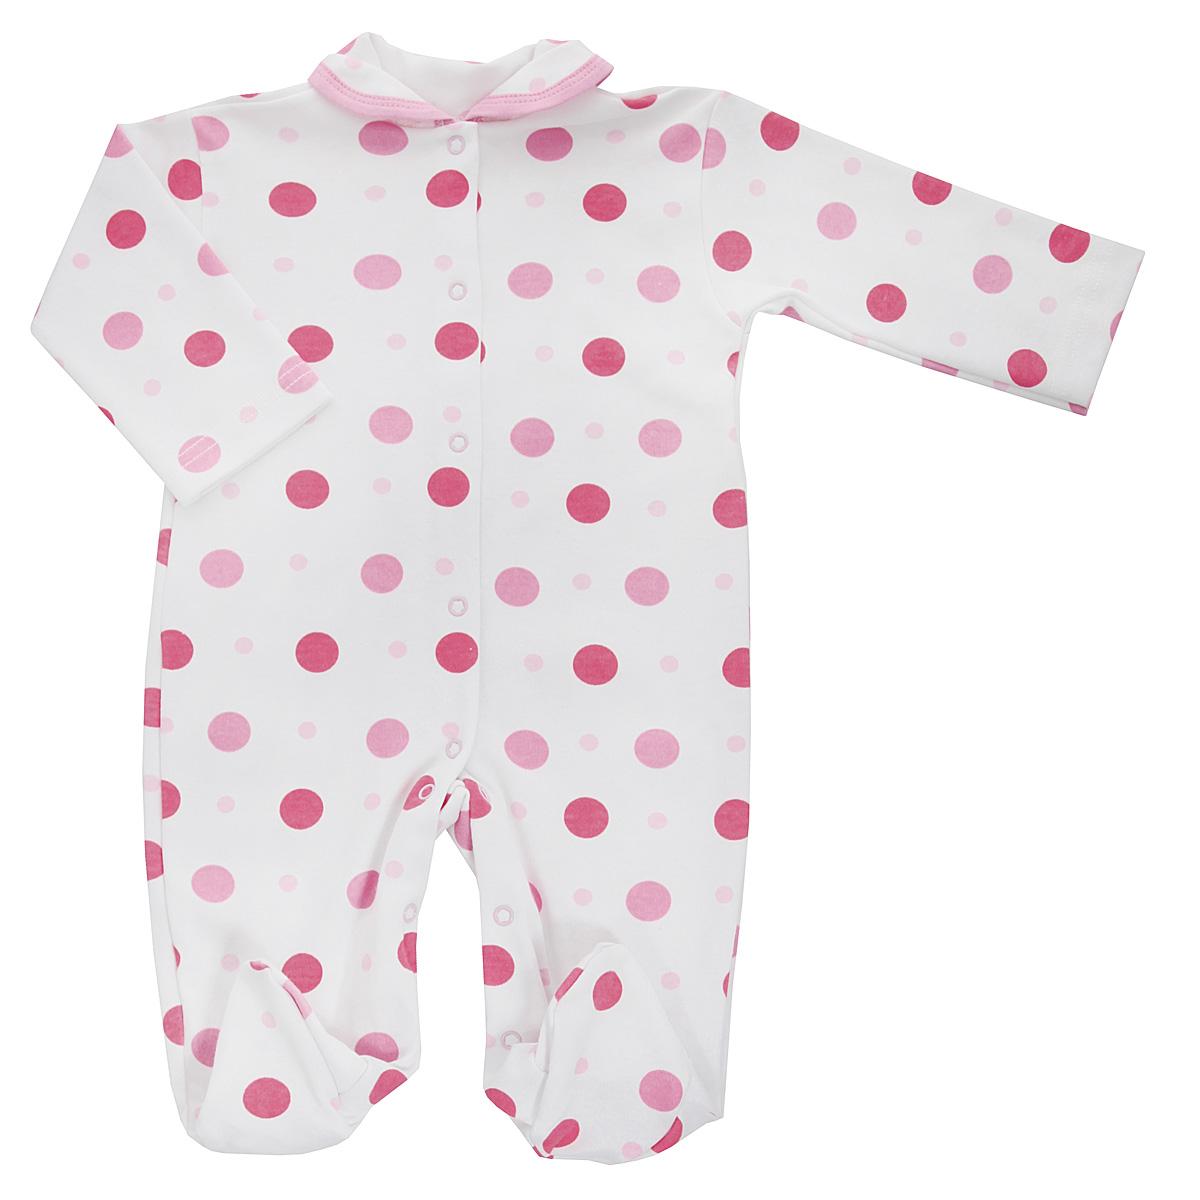 5815_горохДетский комбинезон Трон-Плюс - очень удобный и практичный вид одежды для малышей. Комбинезон выполнен из интерлока - натурального хлопка, благодаря чему он необычайно мягкий и приятный на ощупь, не раздражает нежную кожу ребенка, и хорошо вентилируются, а эластичные швы приятны телу младенца и не препятствуют его движениям. Комбинезон с длинными рукавами, закрытыми ножками и отложным воротничком имеет застежки-кнопки от горловины до щиколоток, которые помогают легко переодеть ребенка или сменить подгузник. Воротник по краю дополнен контрастной бейкой. Оформлено изделие ненавязчивым гороховым принтом. С детским комбинезоном спинка и ножки вашего крохи всегда будут в тепле, он идеален для использования днем и незаменим ночью. Комбинезон полностью соответствует особенностям жизни младенца в ранний период, не стесняя и не ограничивая его в движениях!